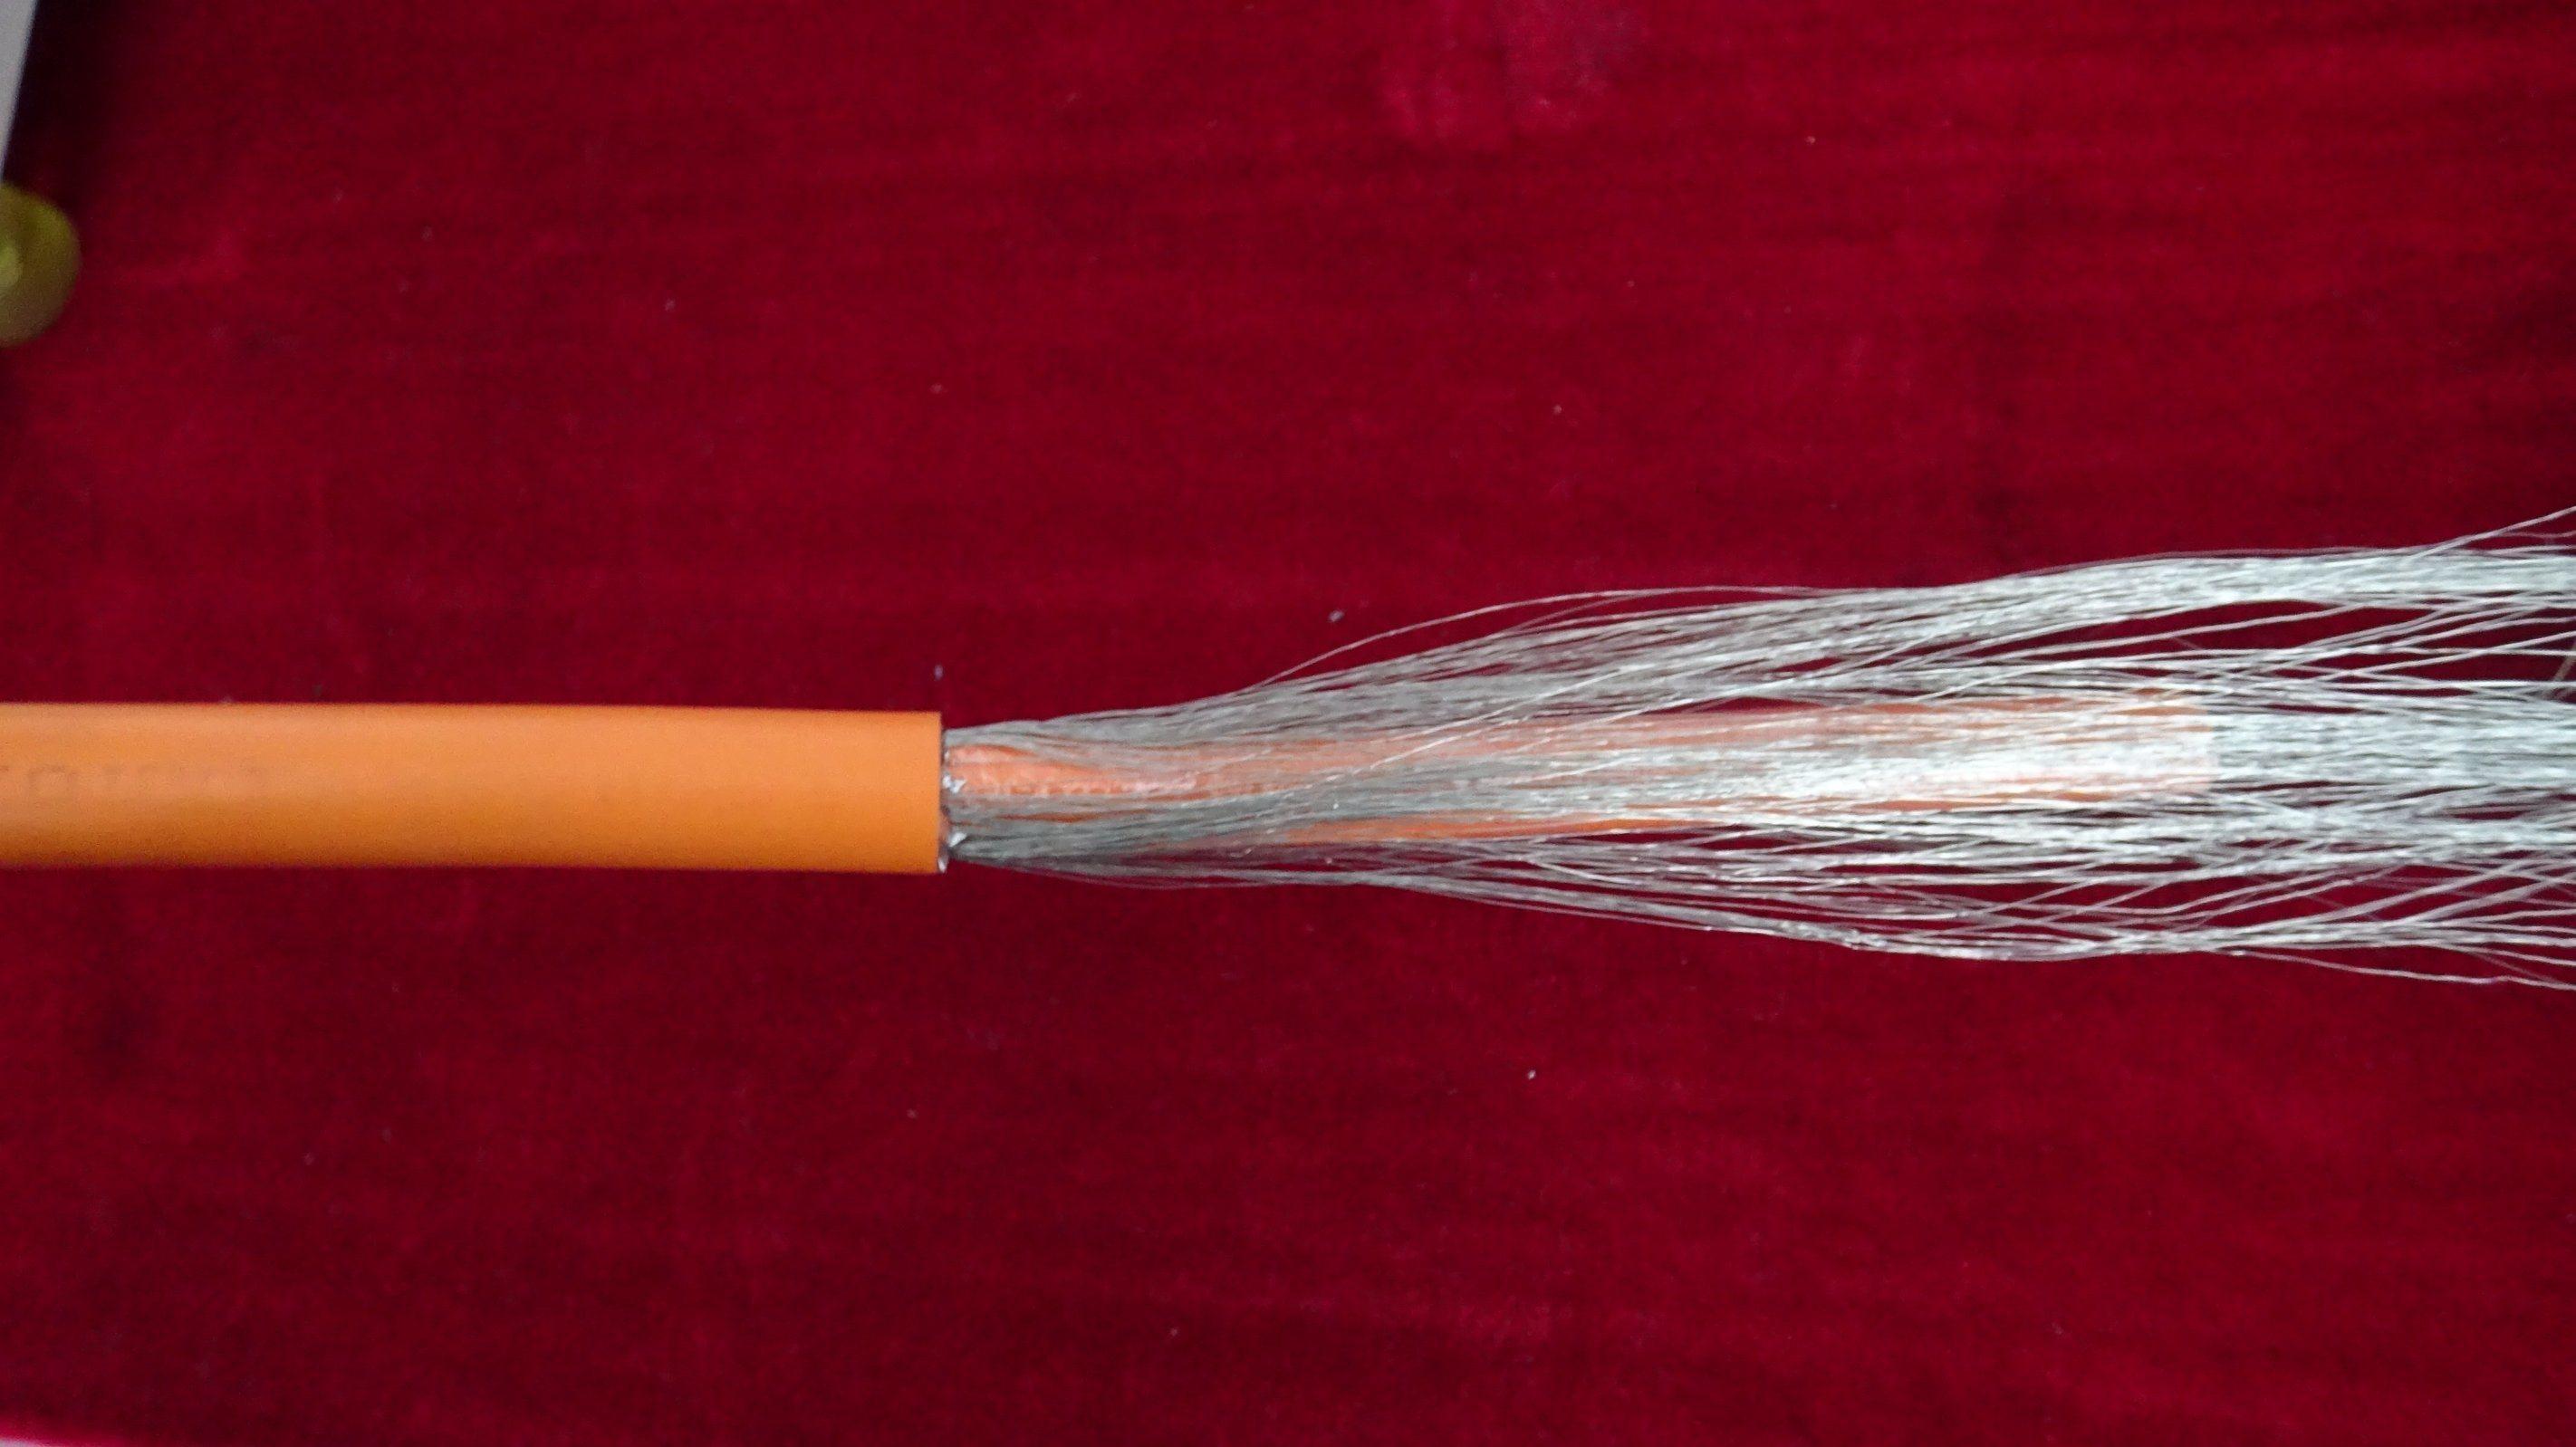 Shield Net Combing Device